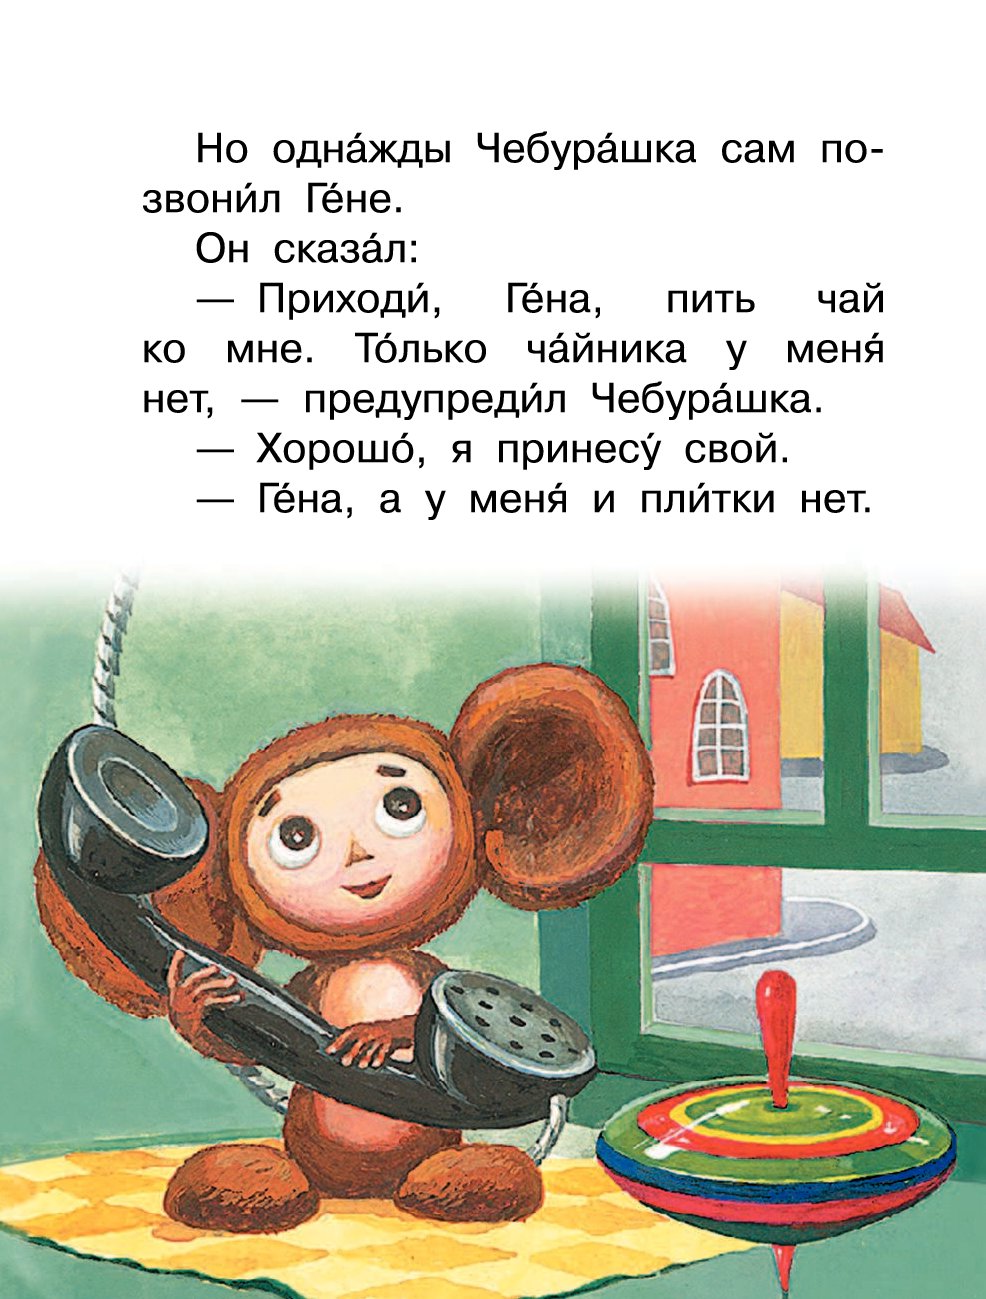 Анекдоты Для Детей Про Чебурашку